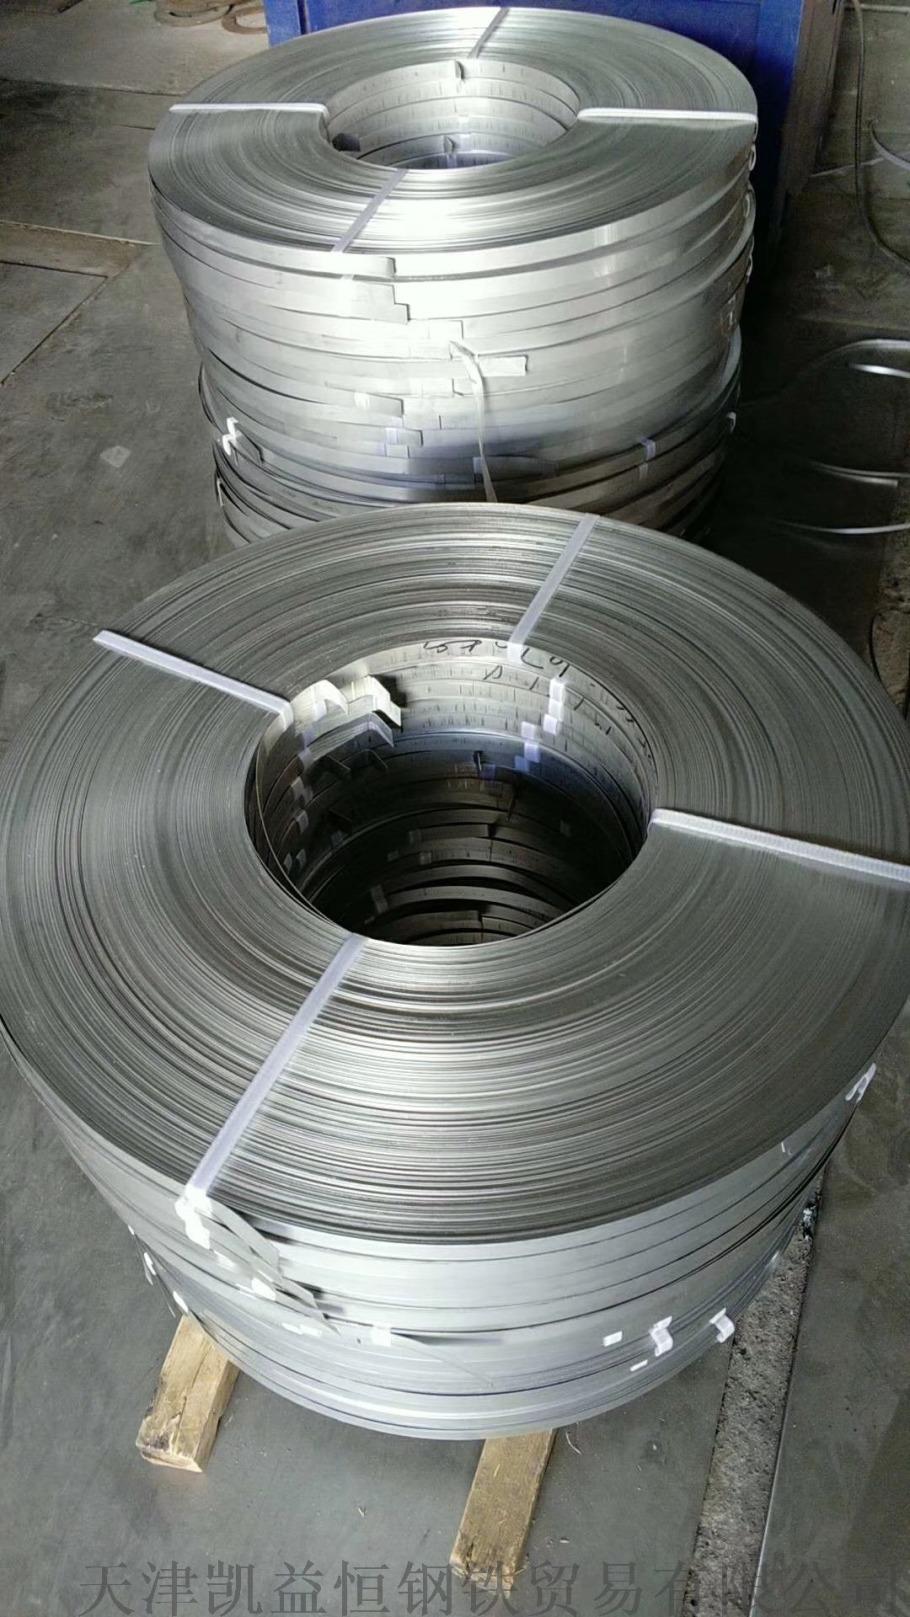 S30408不锈钢带分条304不锈钢带厂家132590805